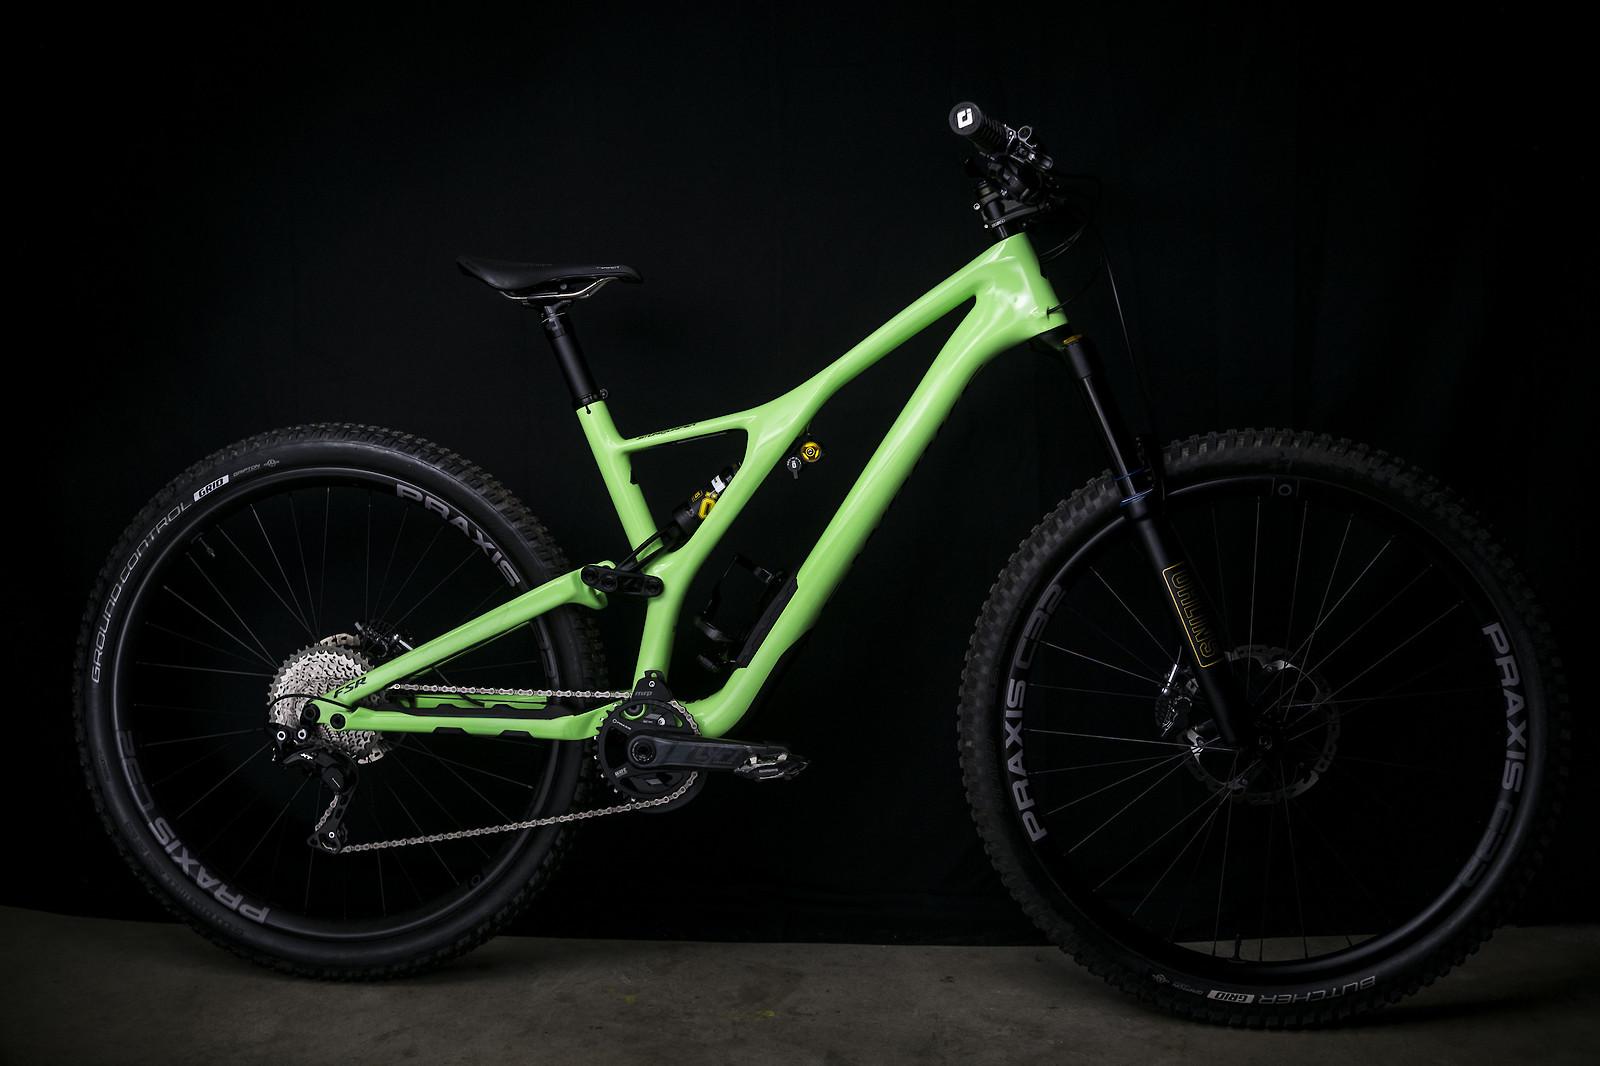 129b3ec553d 2019 Specialized S-Works Stumpjumper - Nicky D's Bike Check - Vital MTB